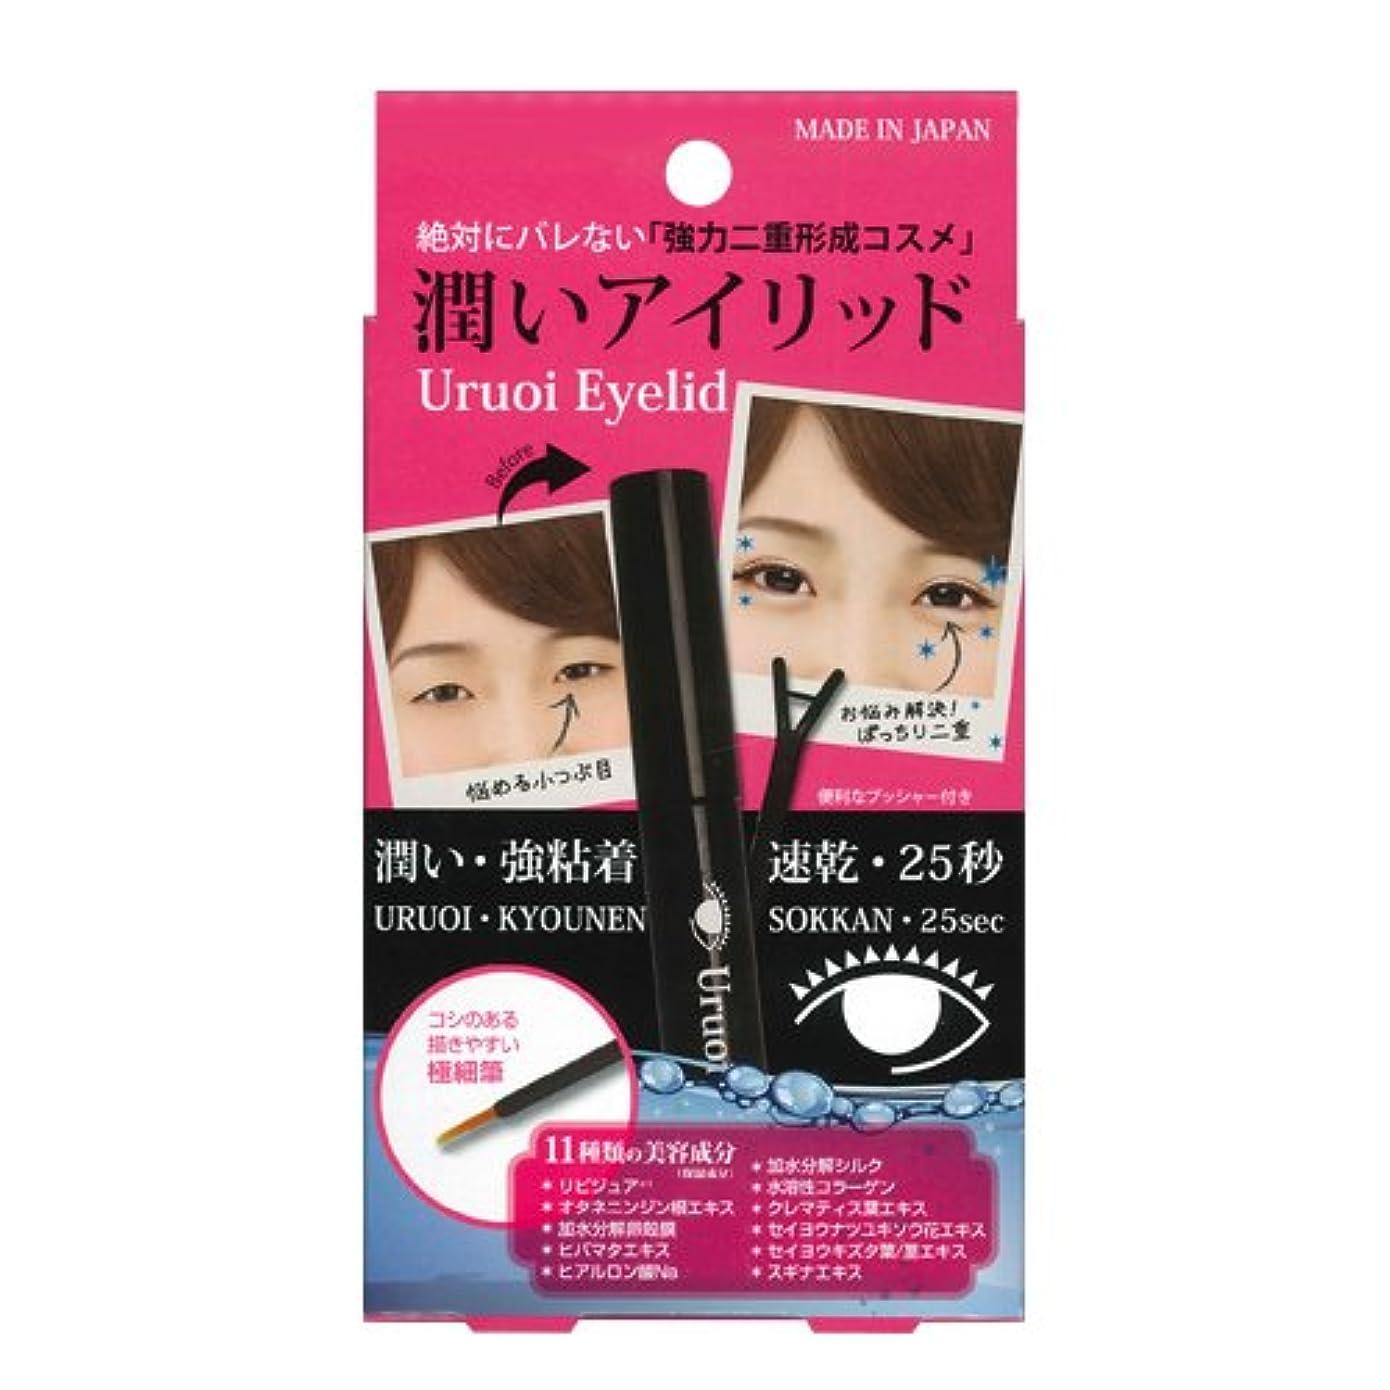 組立柔らかさマート二重形成化粧品 潤いアイリッド(Uruoi Eyelid)